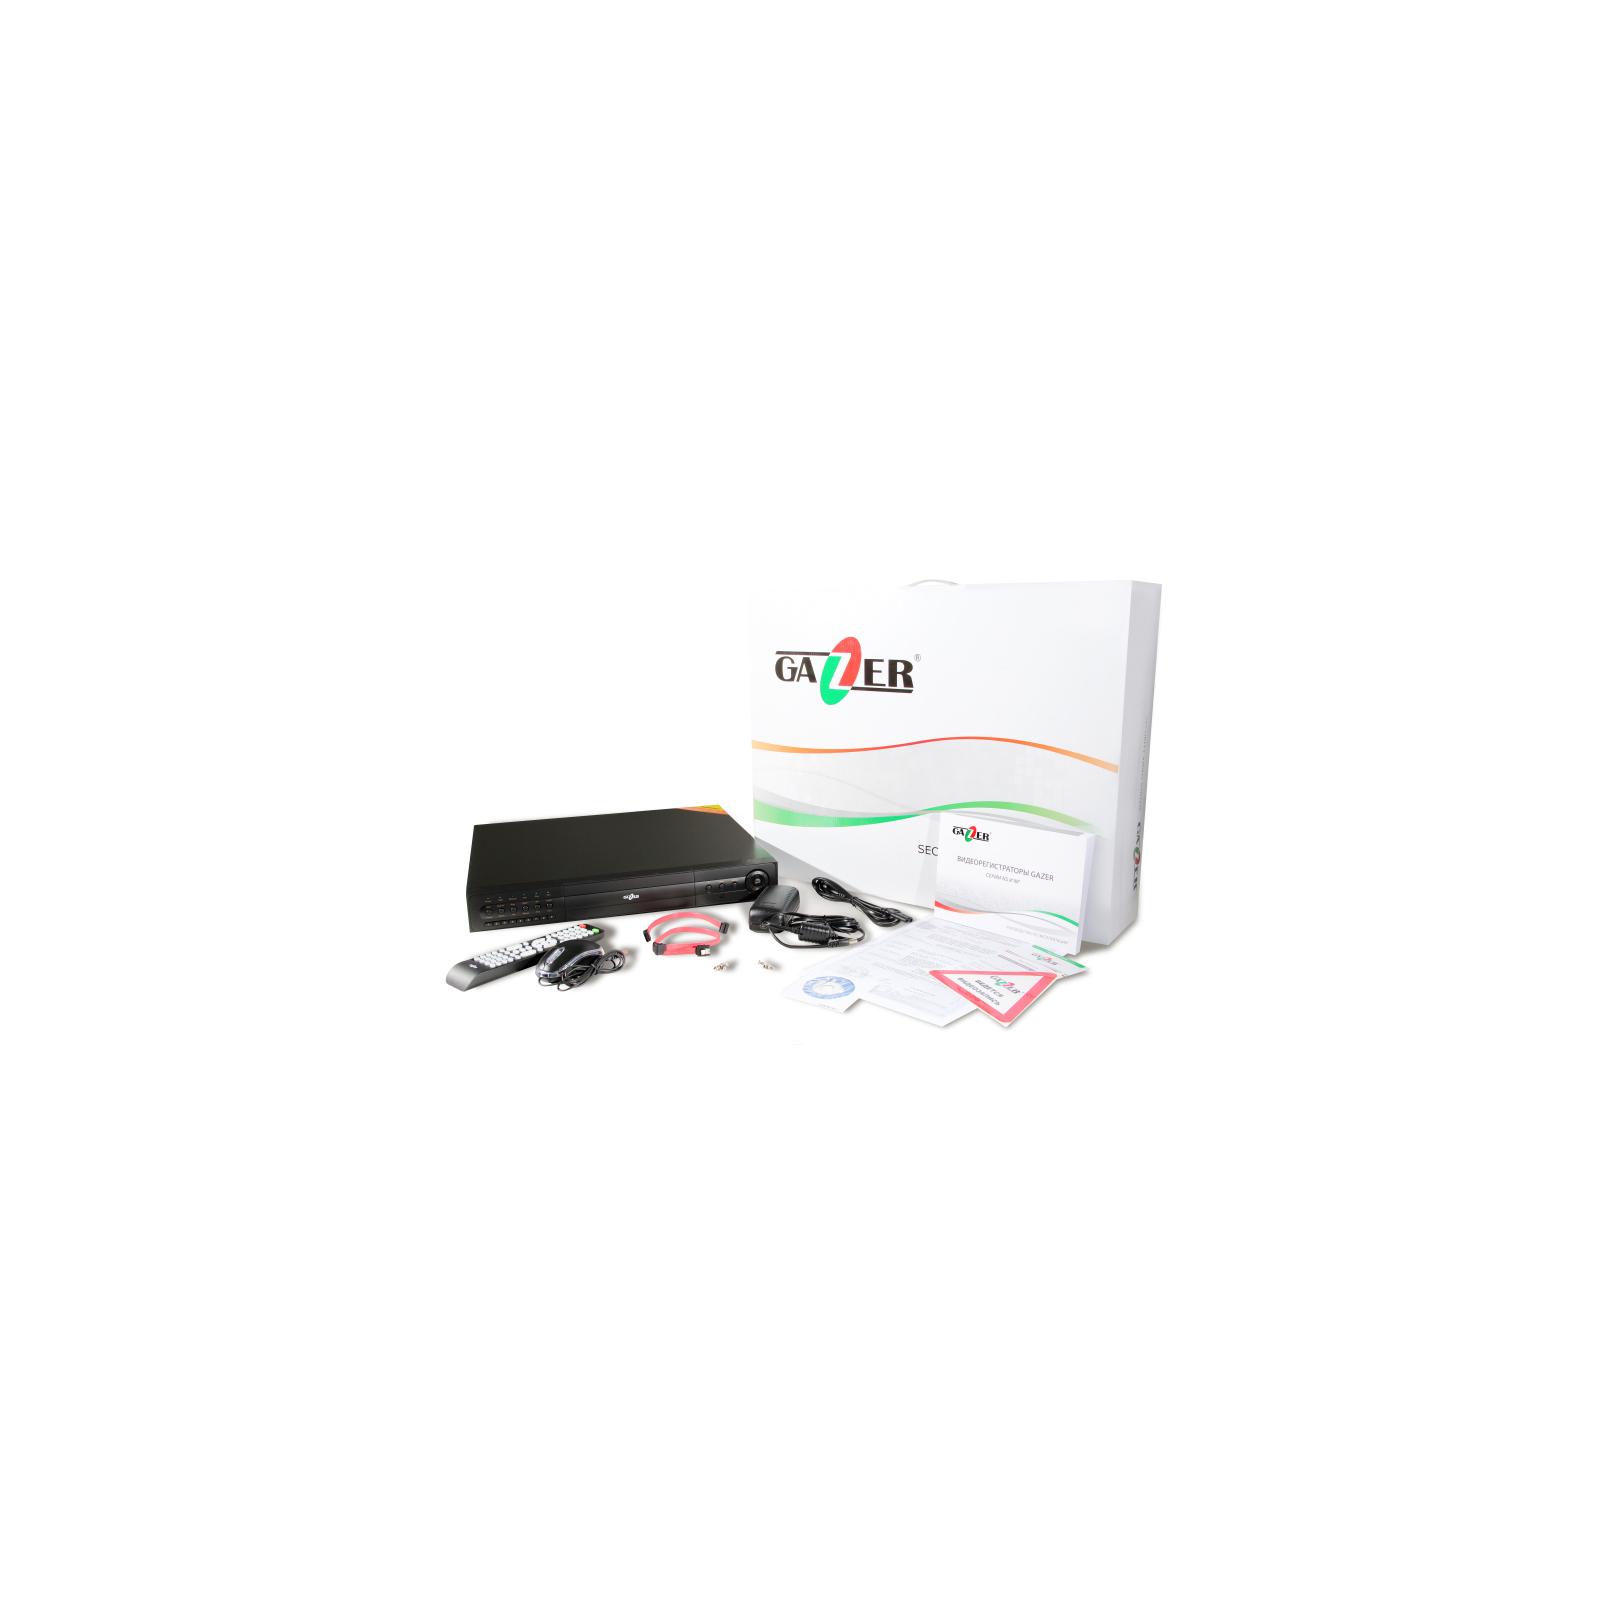 Регистратор для видеонаблюдения Gazer NI404m изображение 9